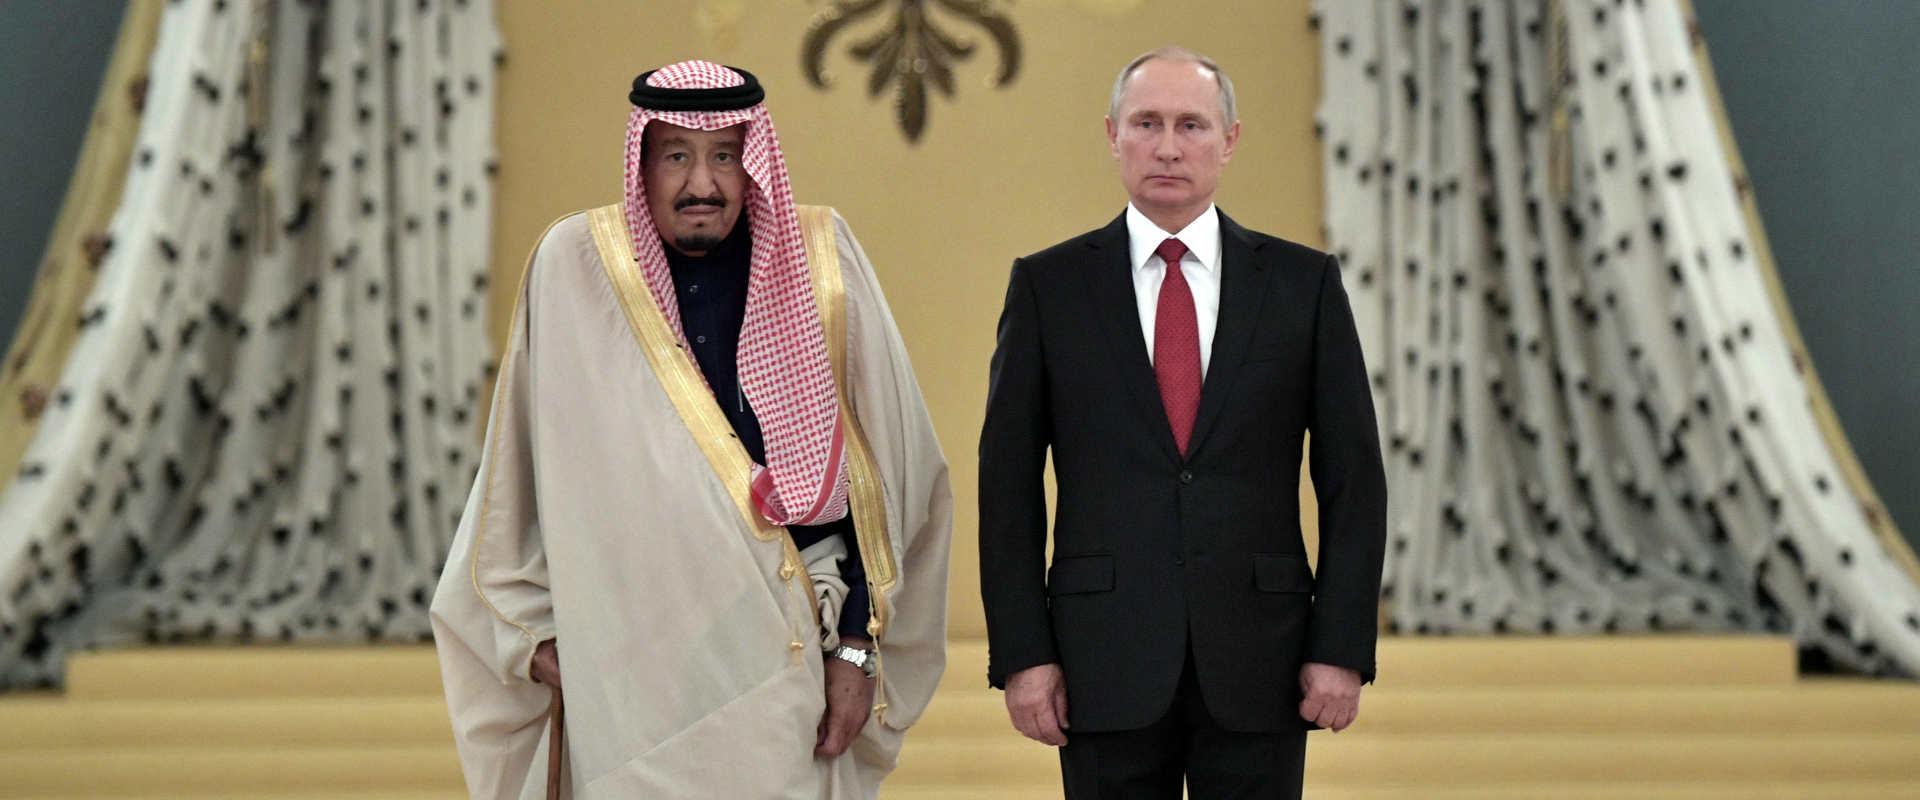 מימין: נשיא רוסיה פוטין ומלך סעודיה סלמאן, היום